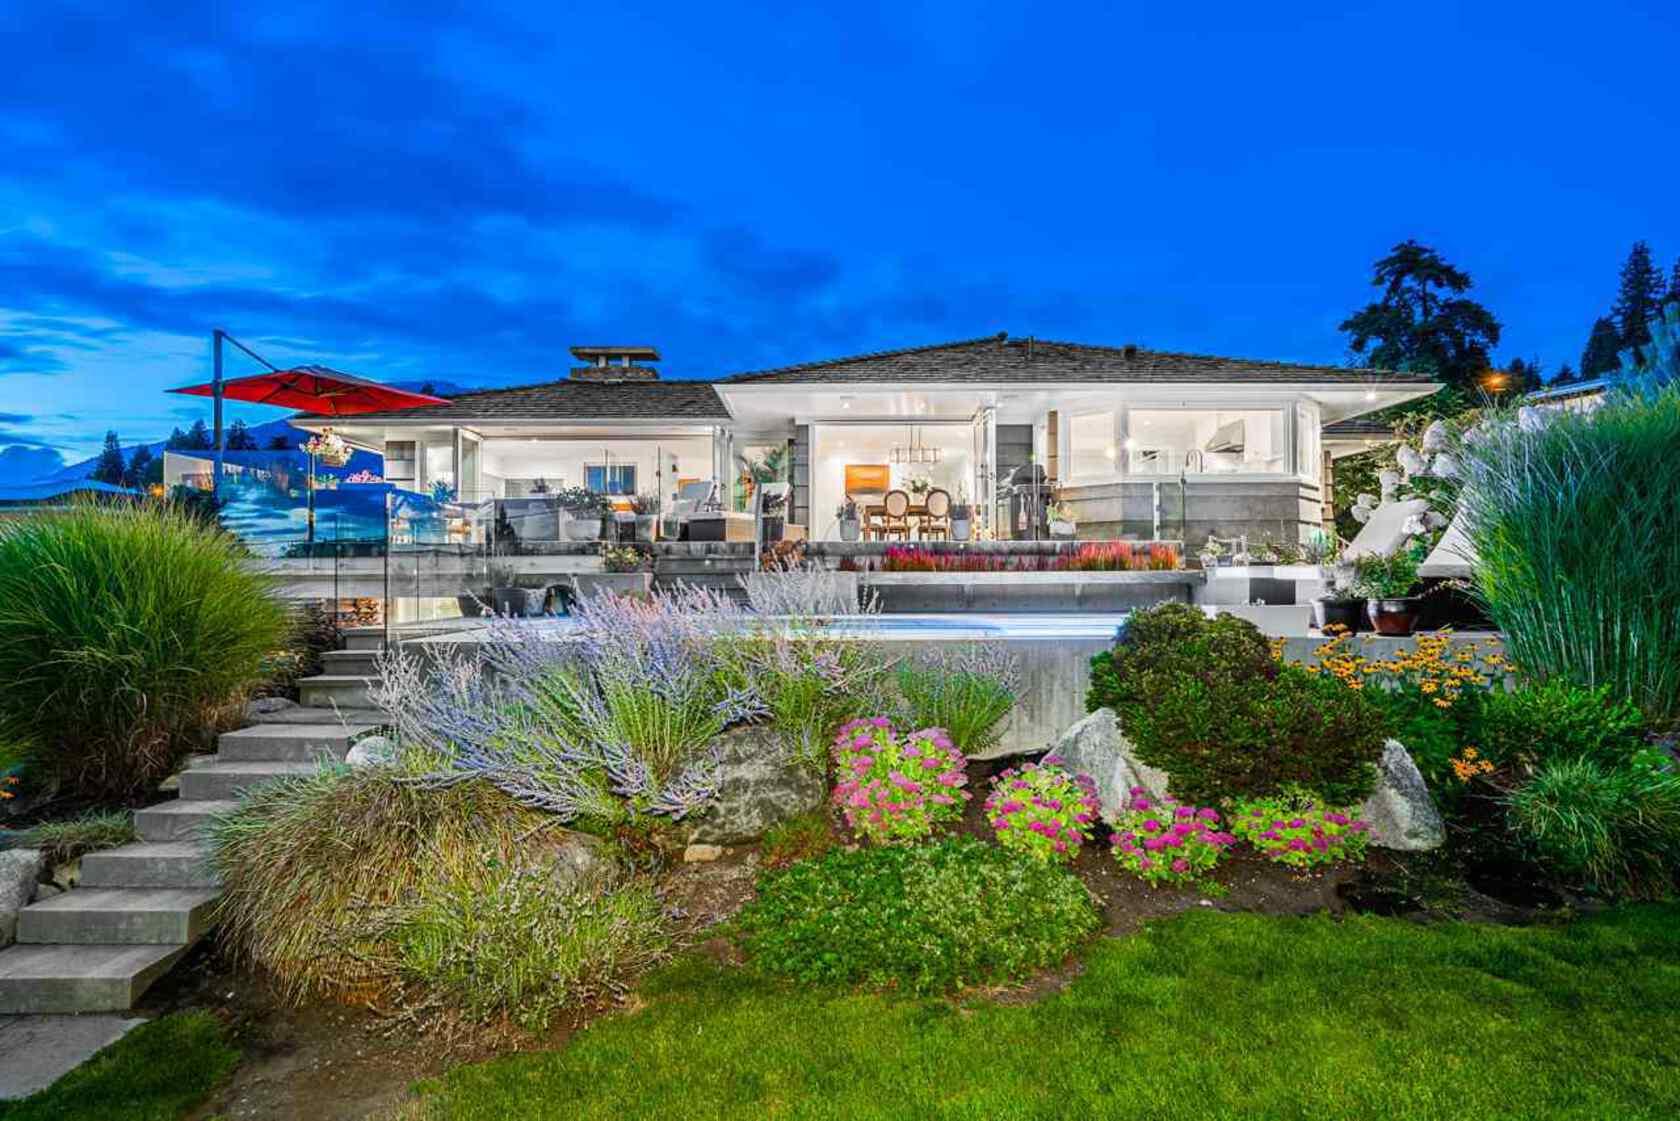 125-kensington-crescent-upper-lonsdale-north-vancouver-03 at 125 Kensington Crescent, Upper Lonsdale, North Vancouver